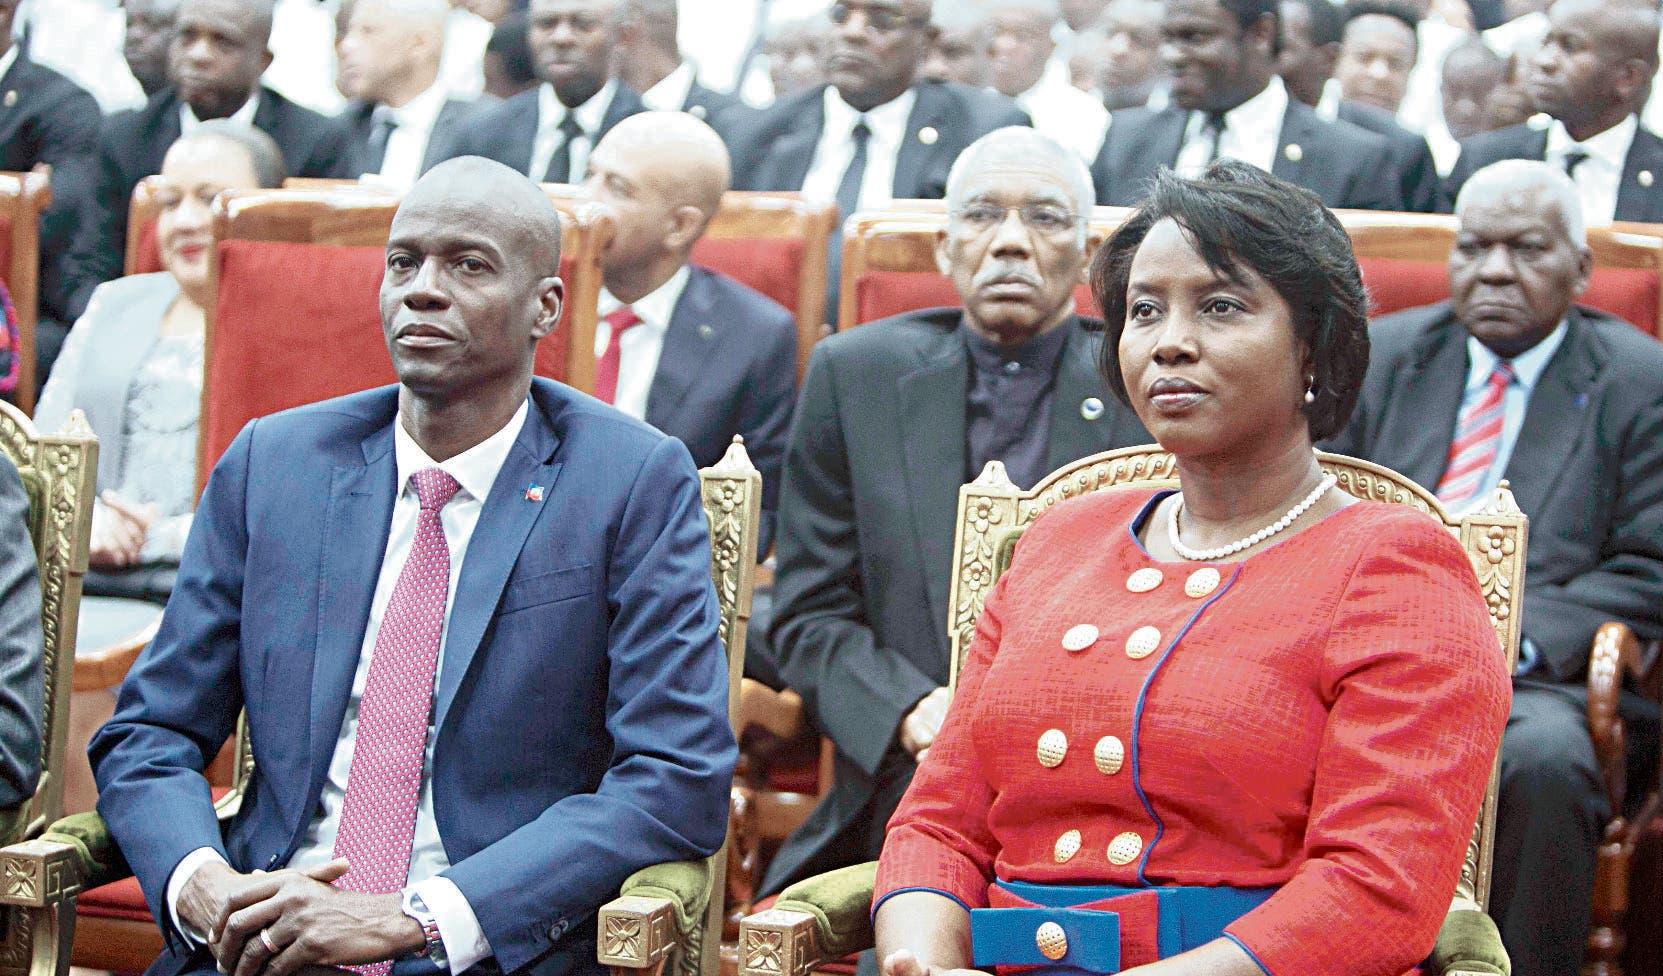 ¿Quién era 'Diamante', la mujer que supuestamente asumiría la presidencia de Haití tras el magnicidio?